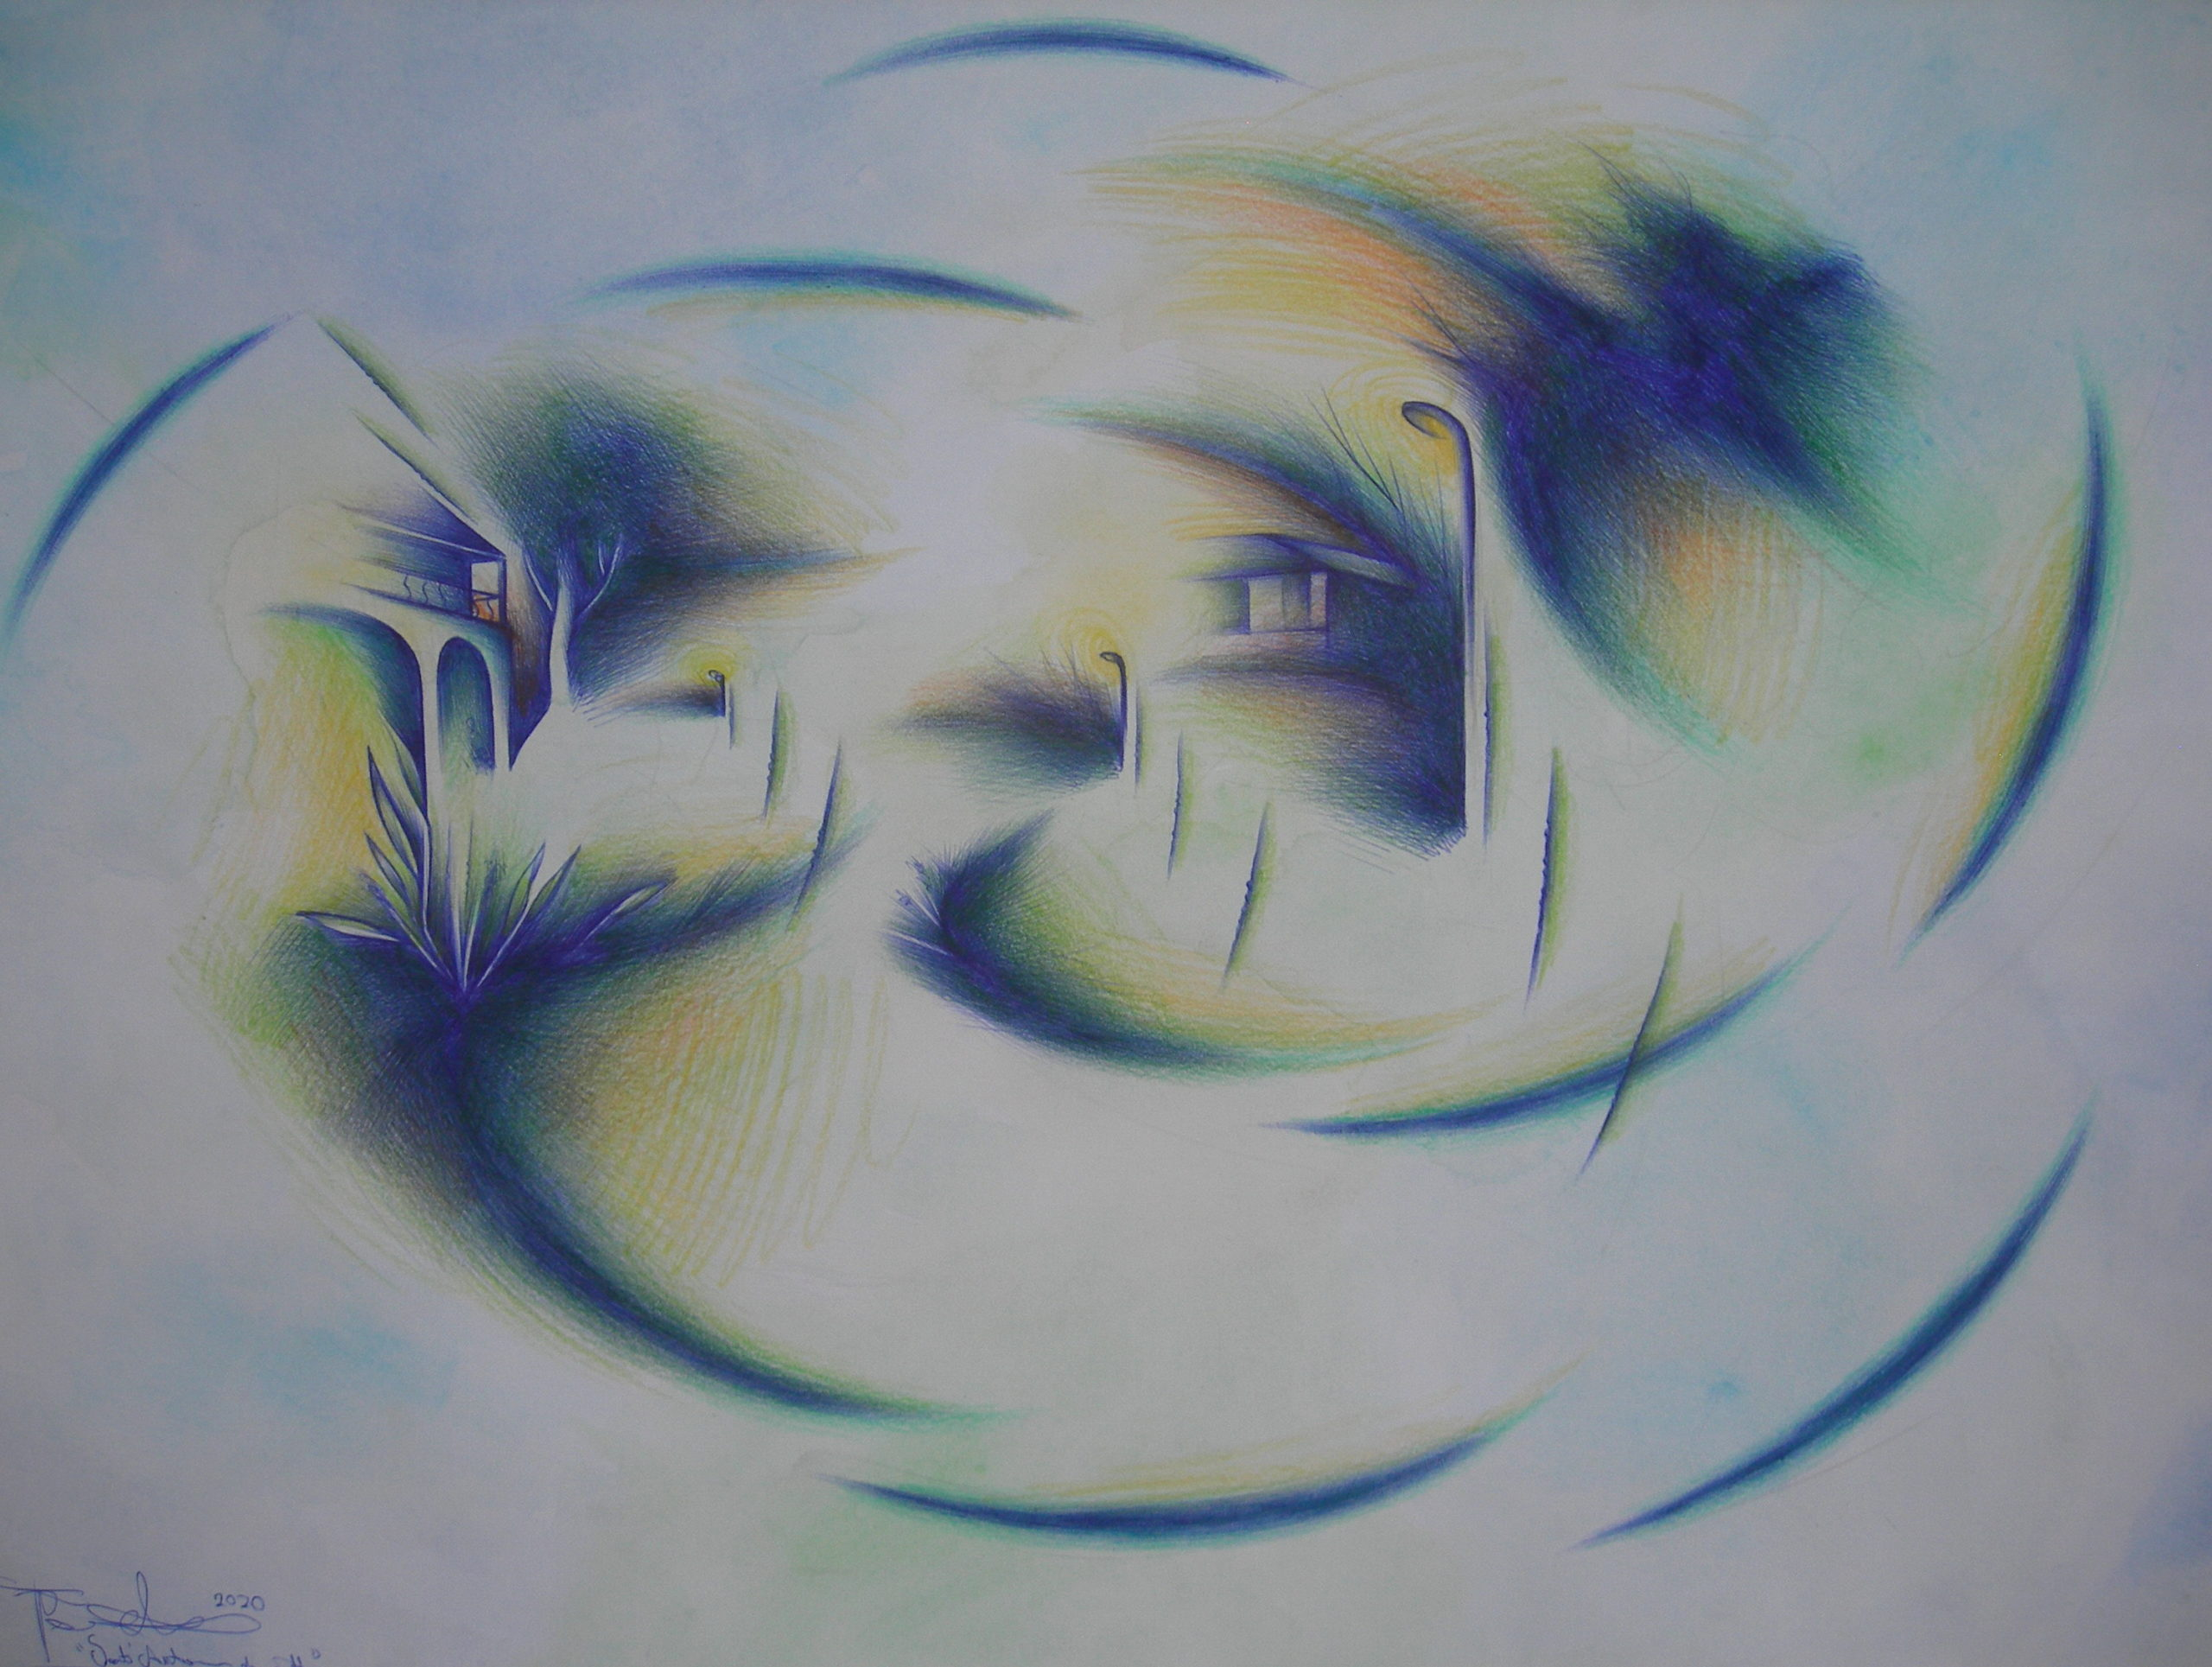 Sant'Antonio di notte tecn. m. su carta cm. 35x50 2020